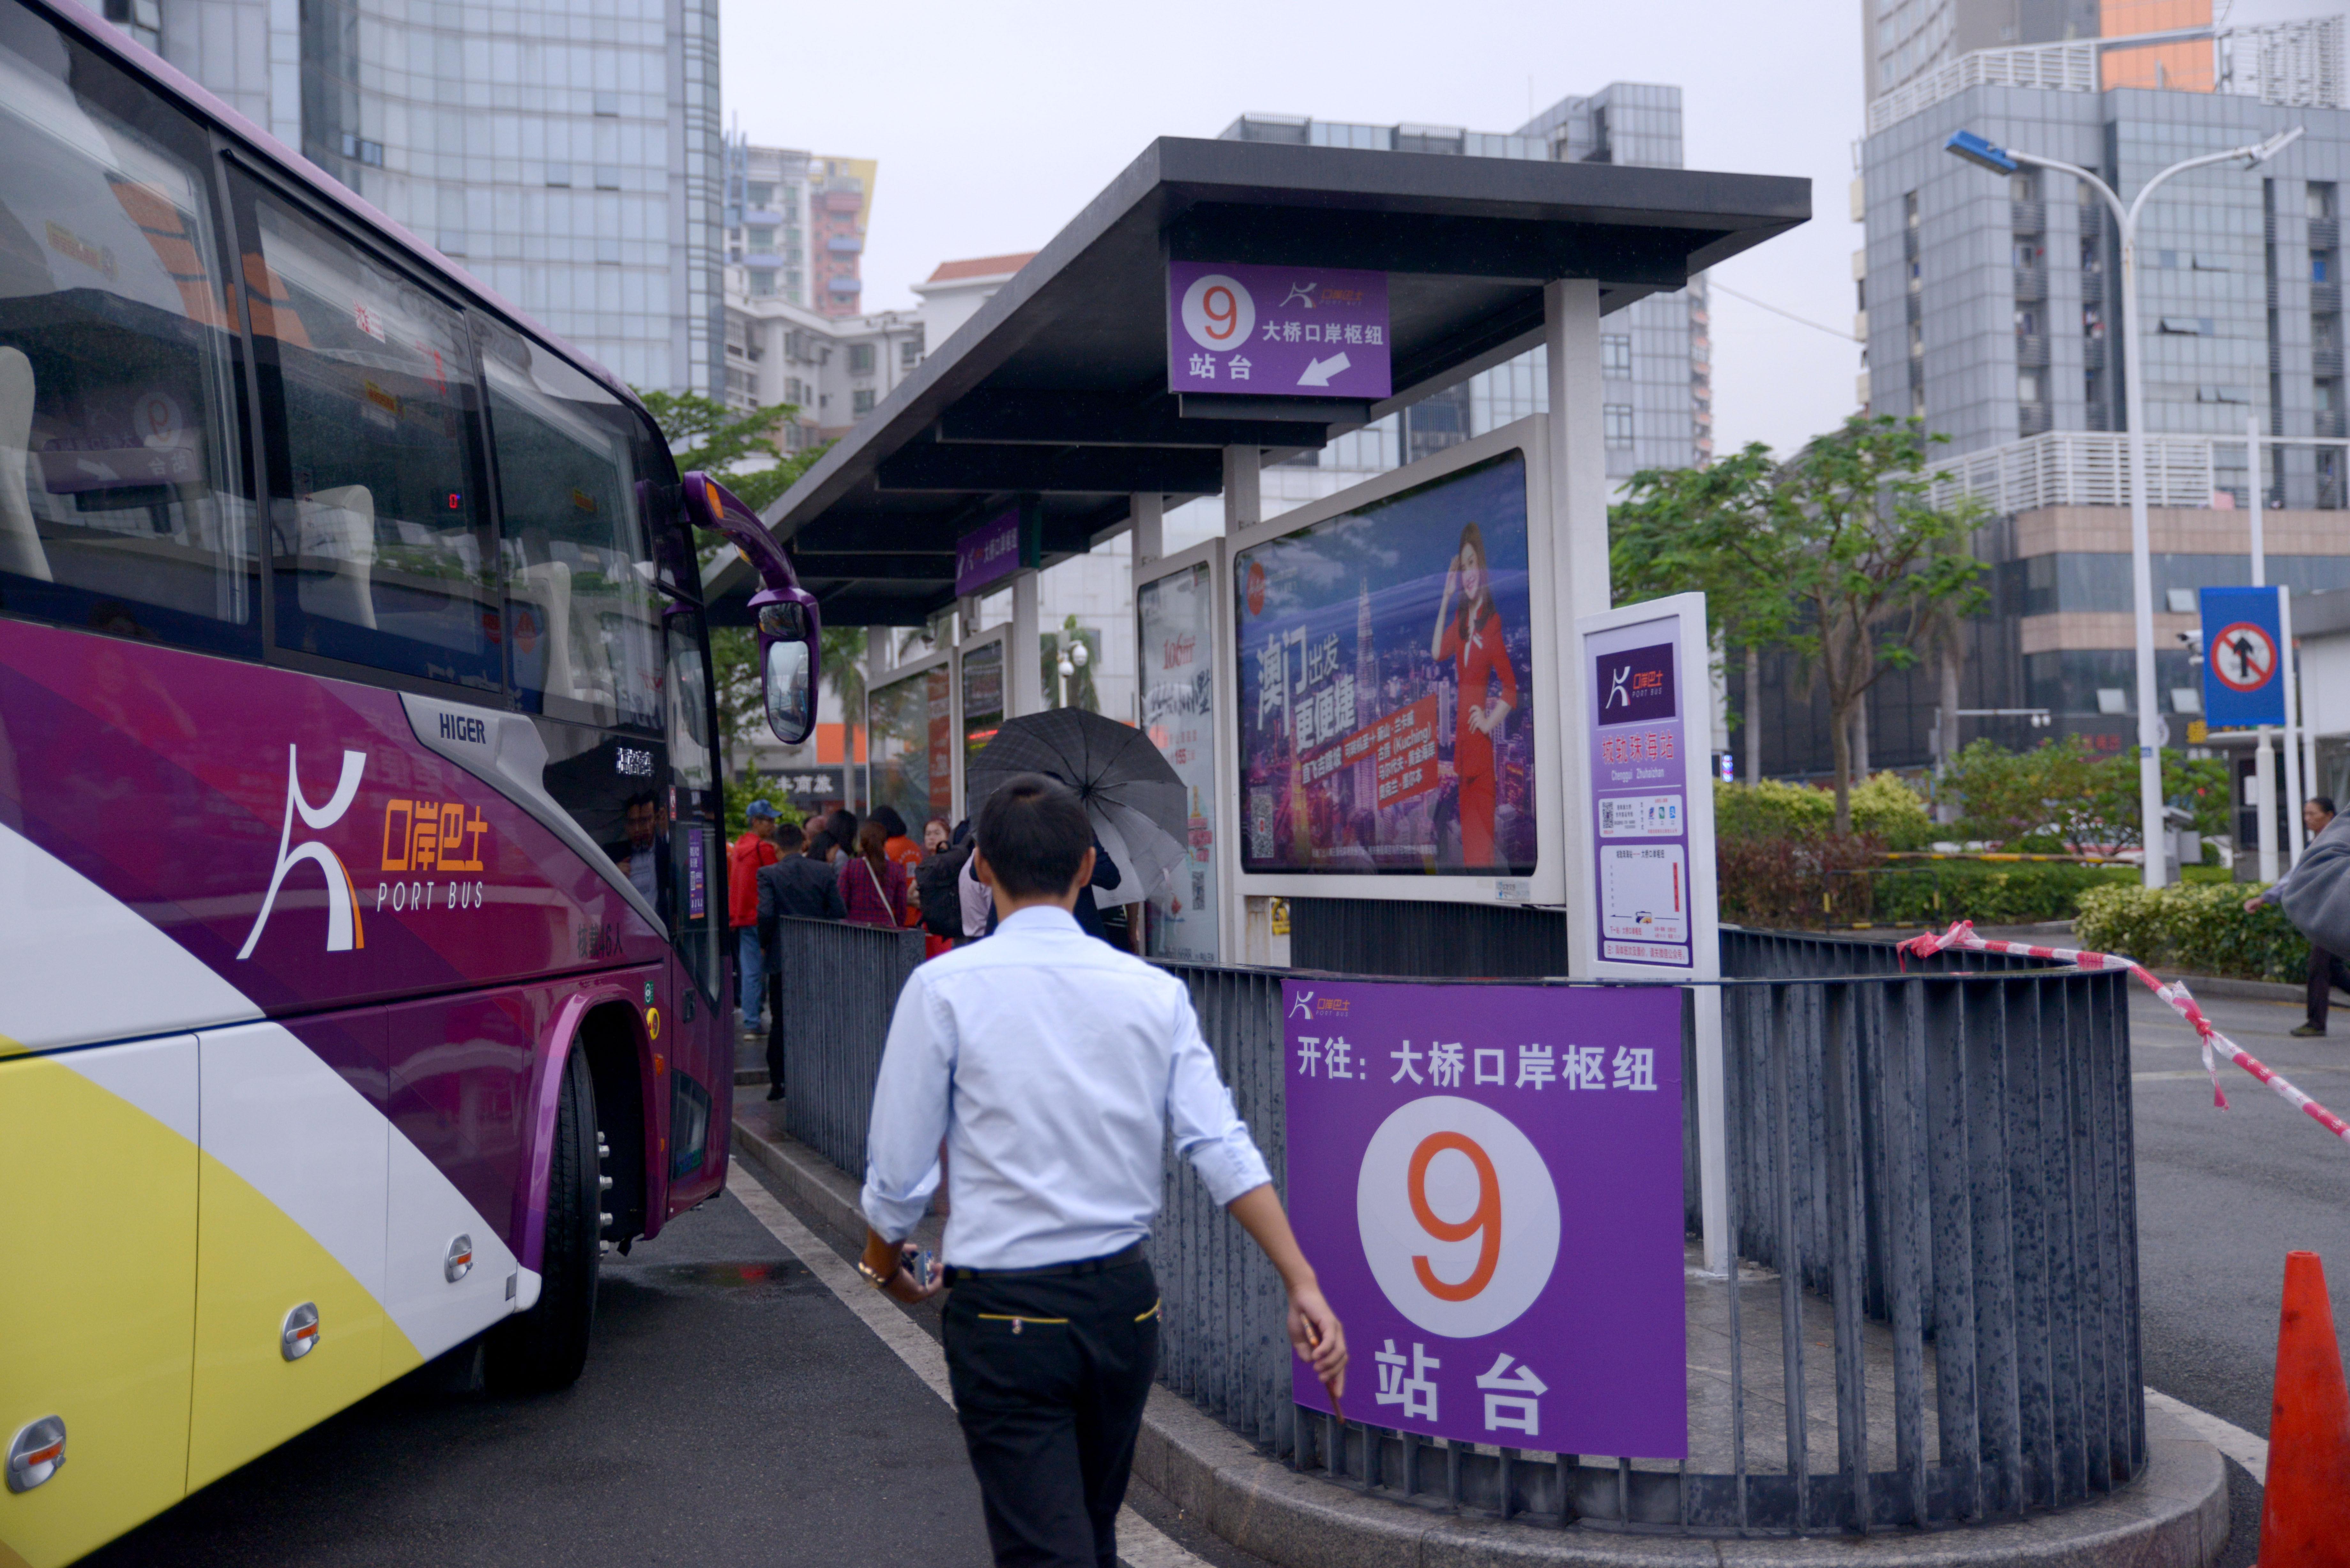 途径站点,运营时间表,时刻表,票价,太原21路公交车线路图